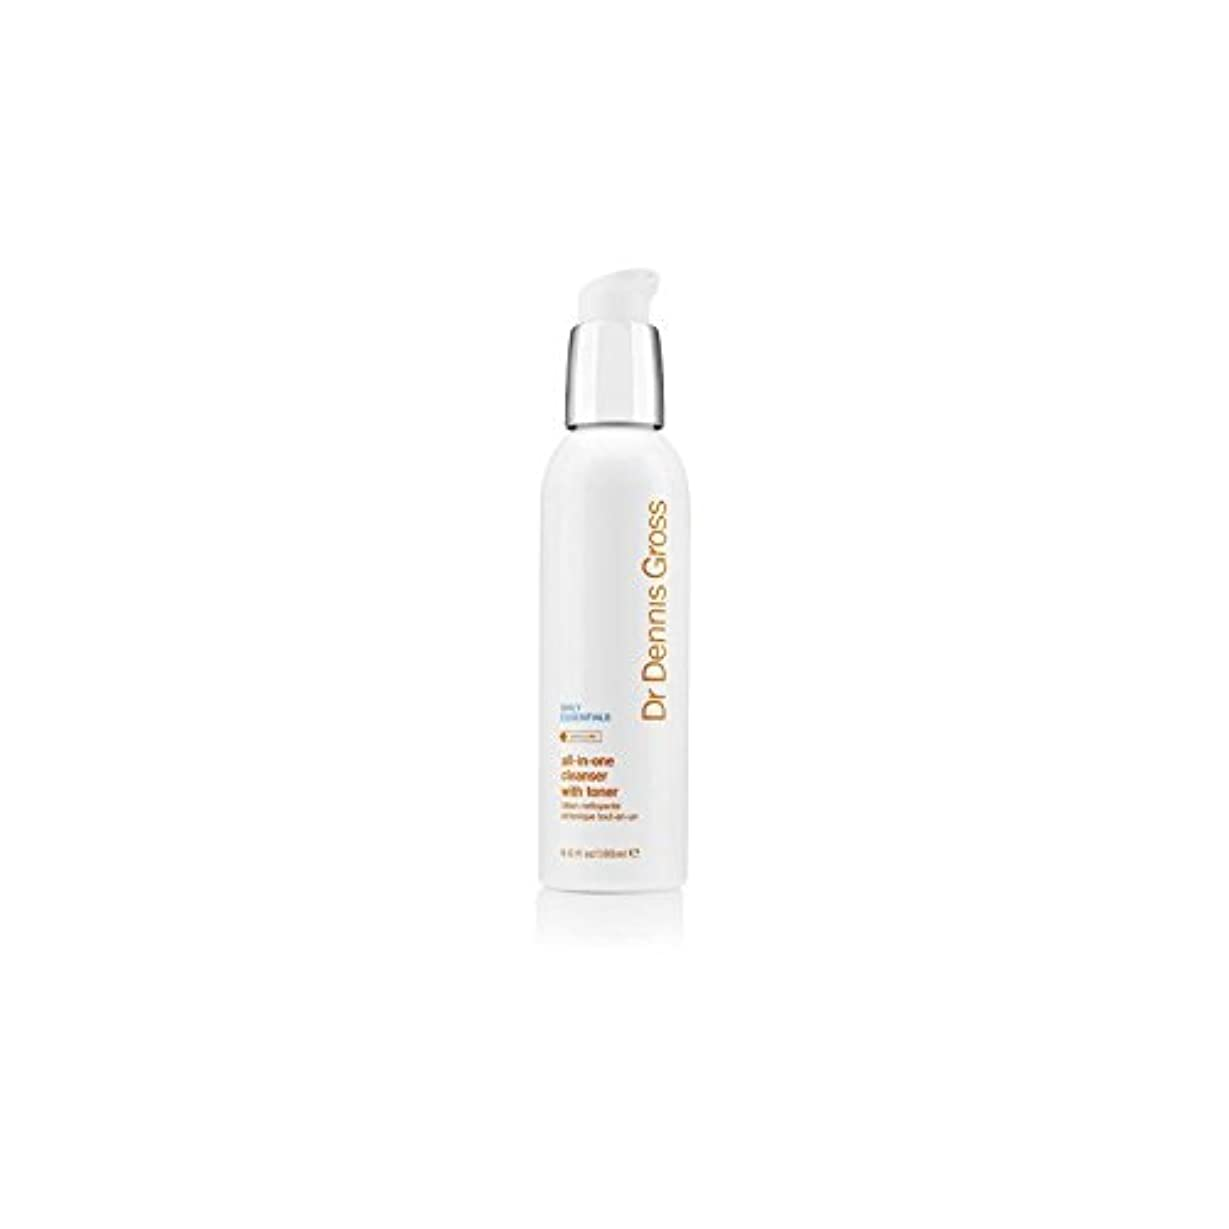 ミッションごみ収容するデニスグロスオールインワントナー(180ミリリットル)とフェイシャルクレンザー x2 - Dr Dennis Gross All-In-One Facial Cleanser With Toner (180ml) (Pack...